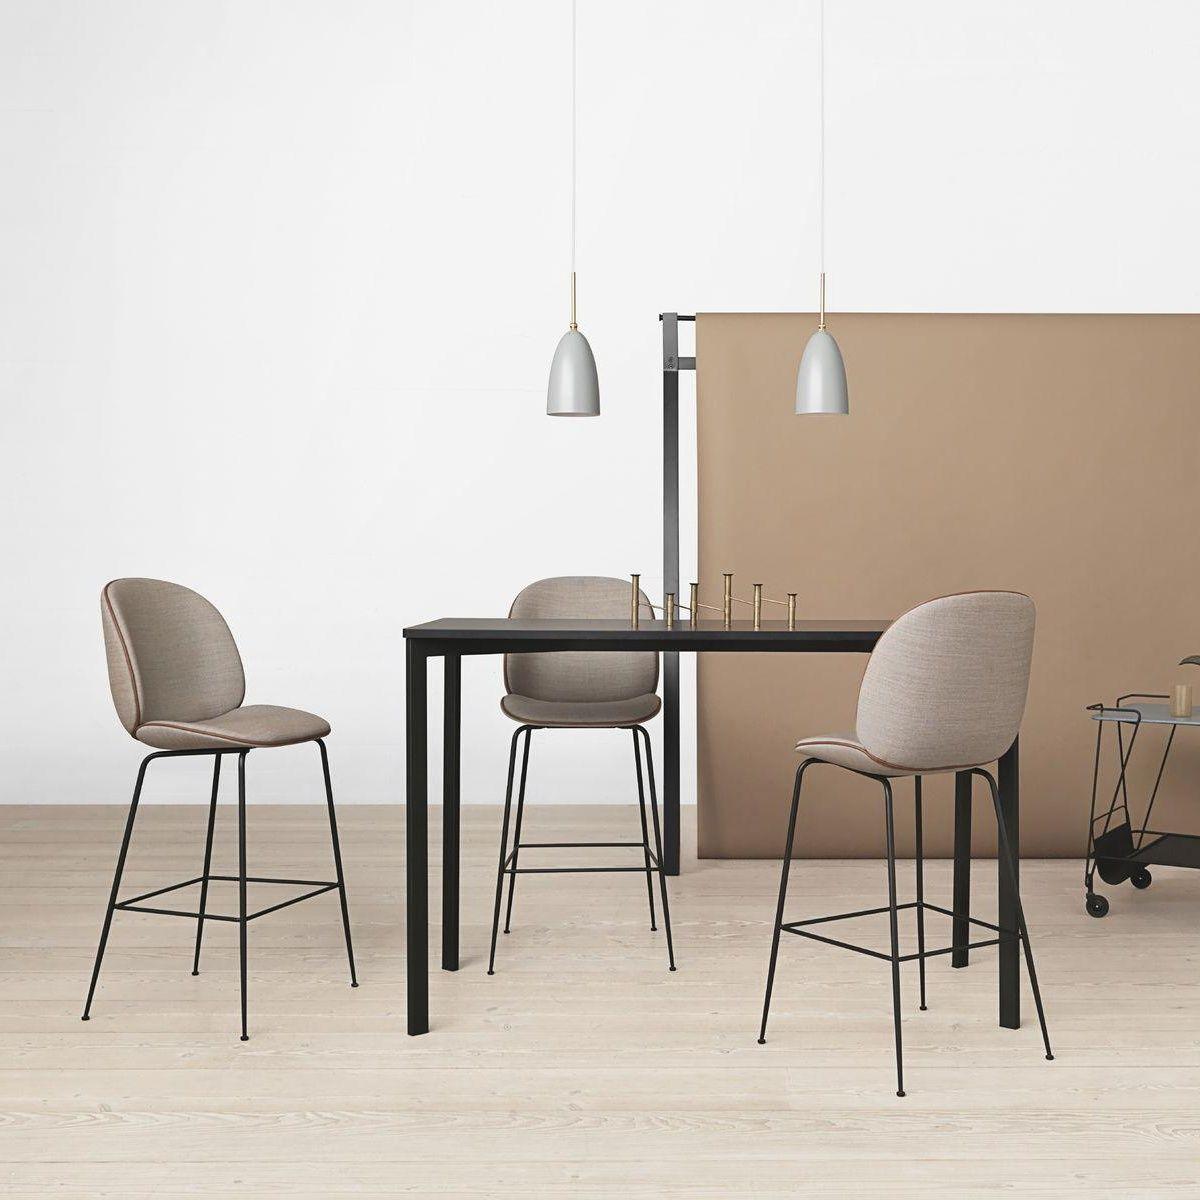 grasshopper suspension gubi. Black Bedroom Furniture Sets. Home Design Ideas